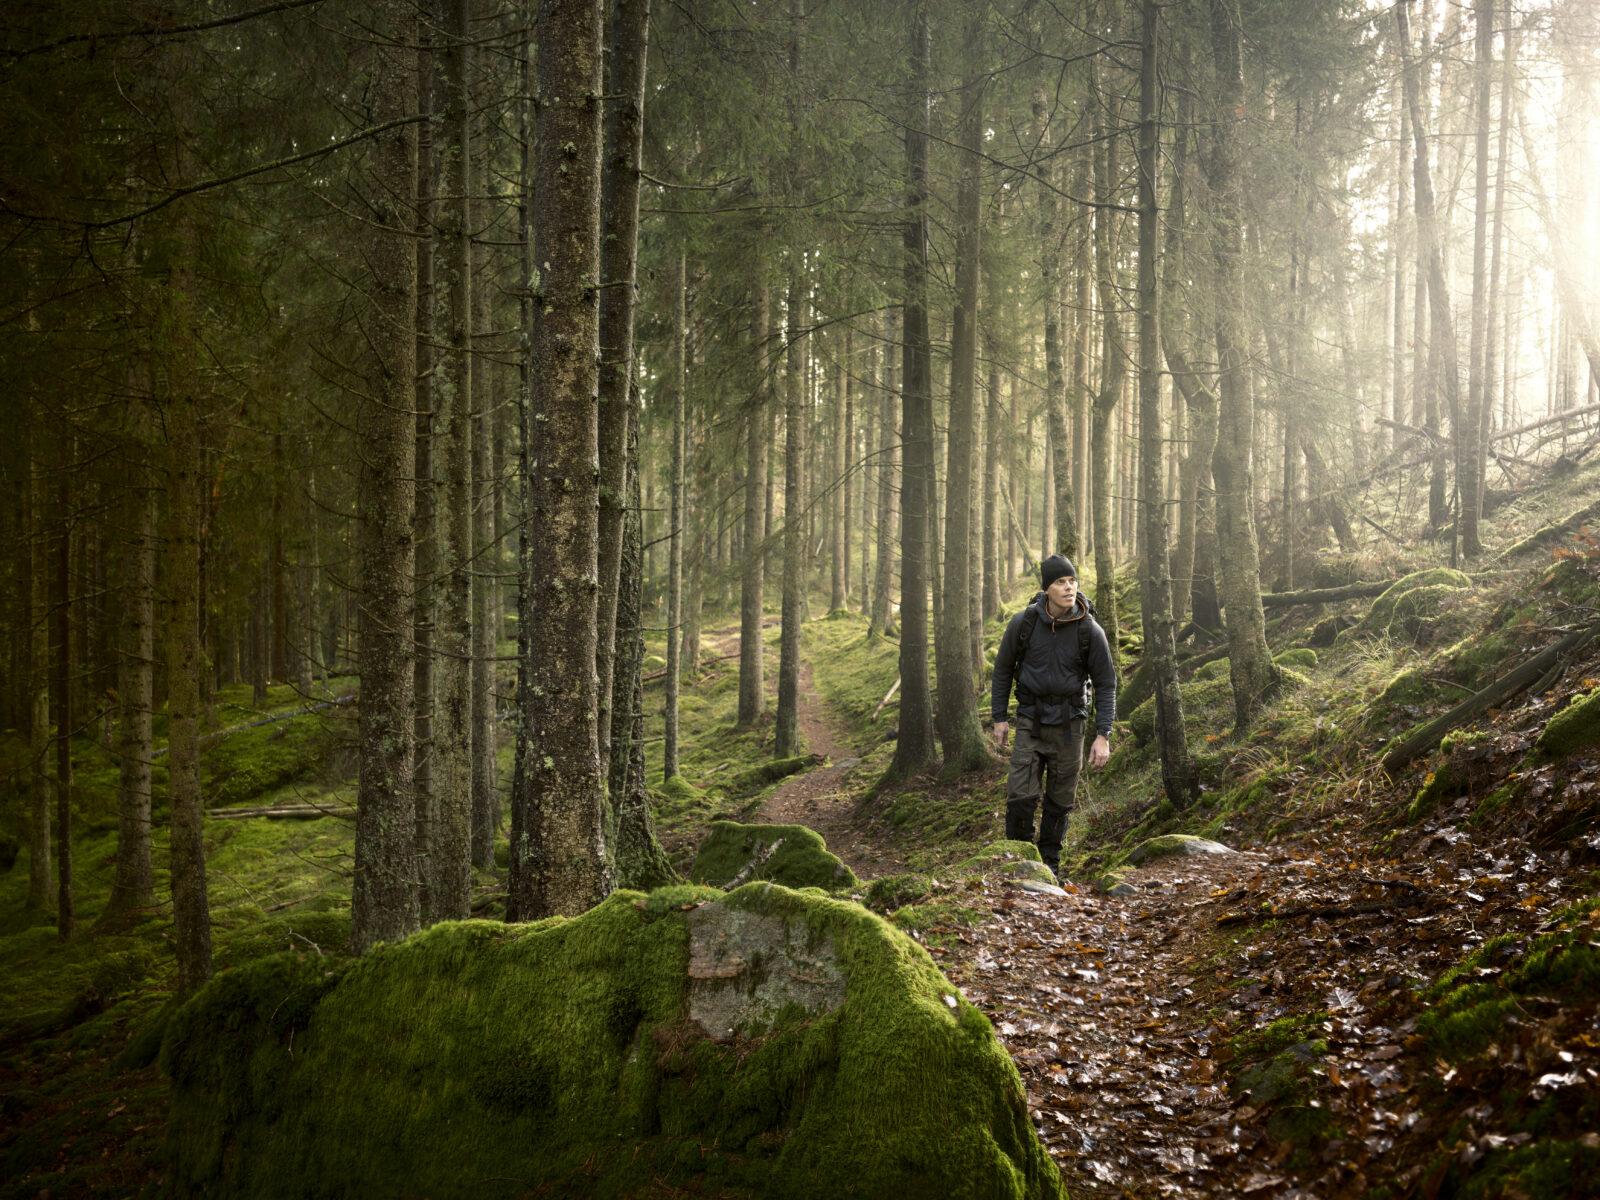 Man på vandring i skogen. Levande skogar.